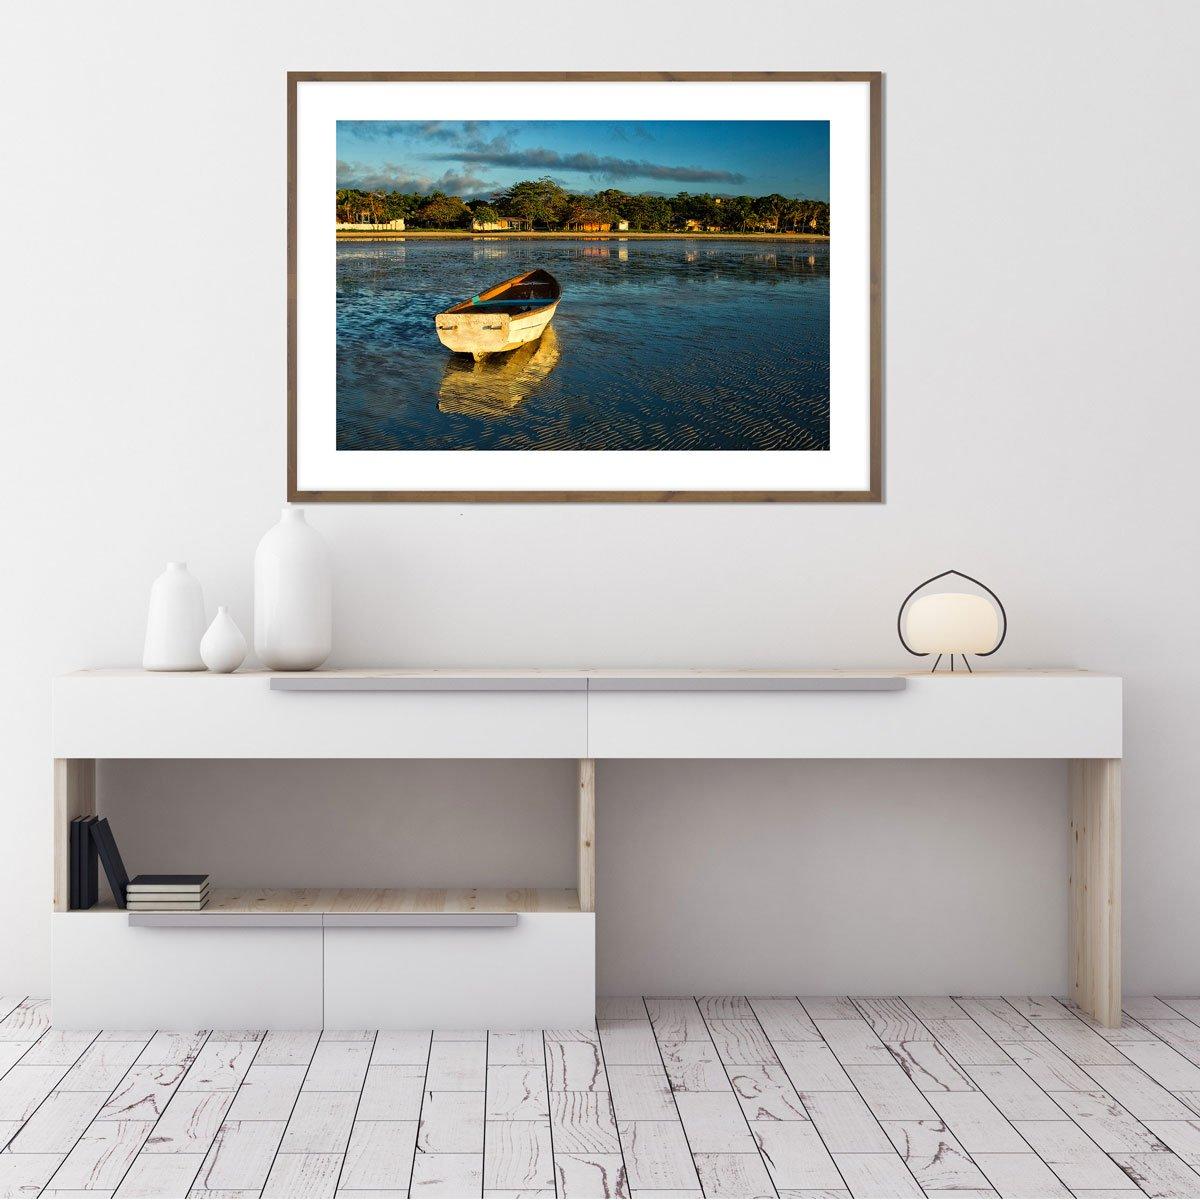 Quadro Decorativo Paisagem Lago por Dorival Moreira 140x100 cm